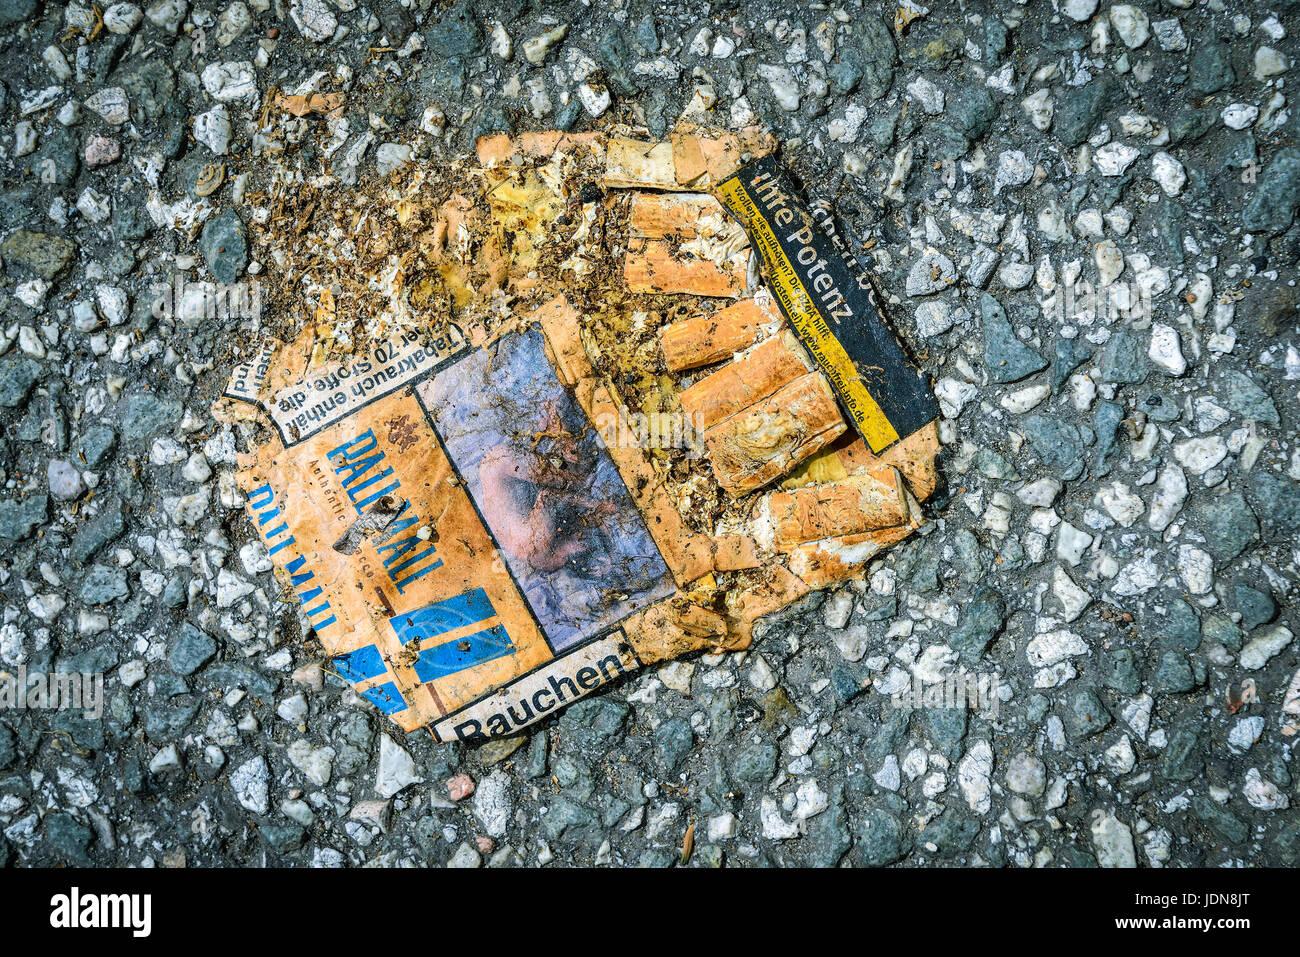 Flat cigarette box, health defects through the smoking, Platte Zigarettenschachtel, Gesundheitsschaeden durchs Rauchen - Stock Image